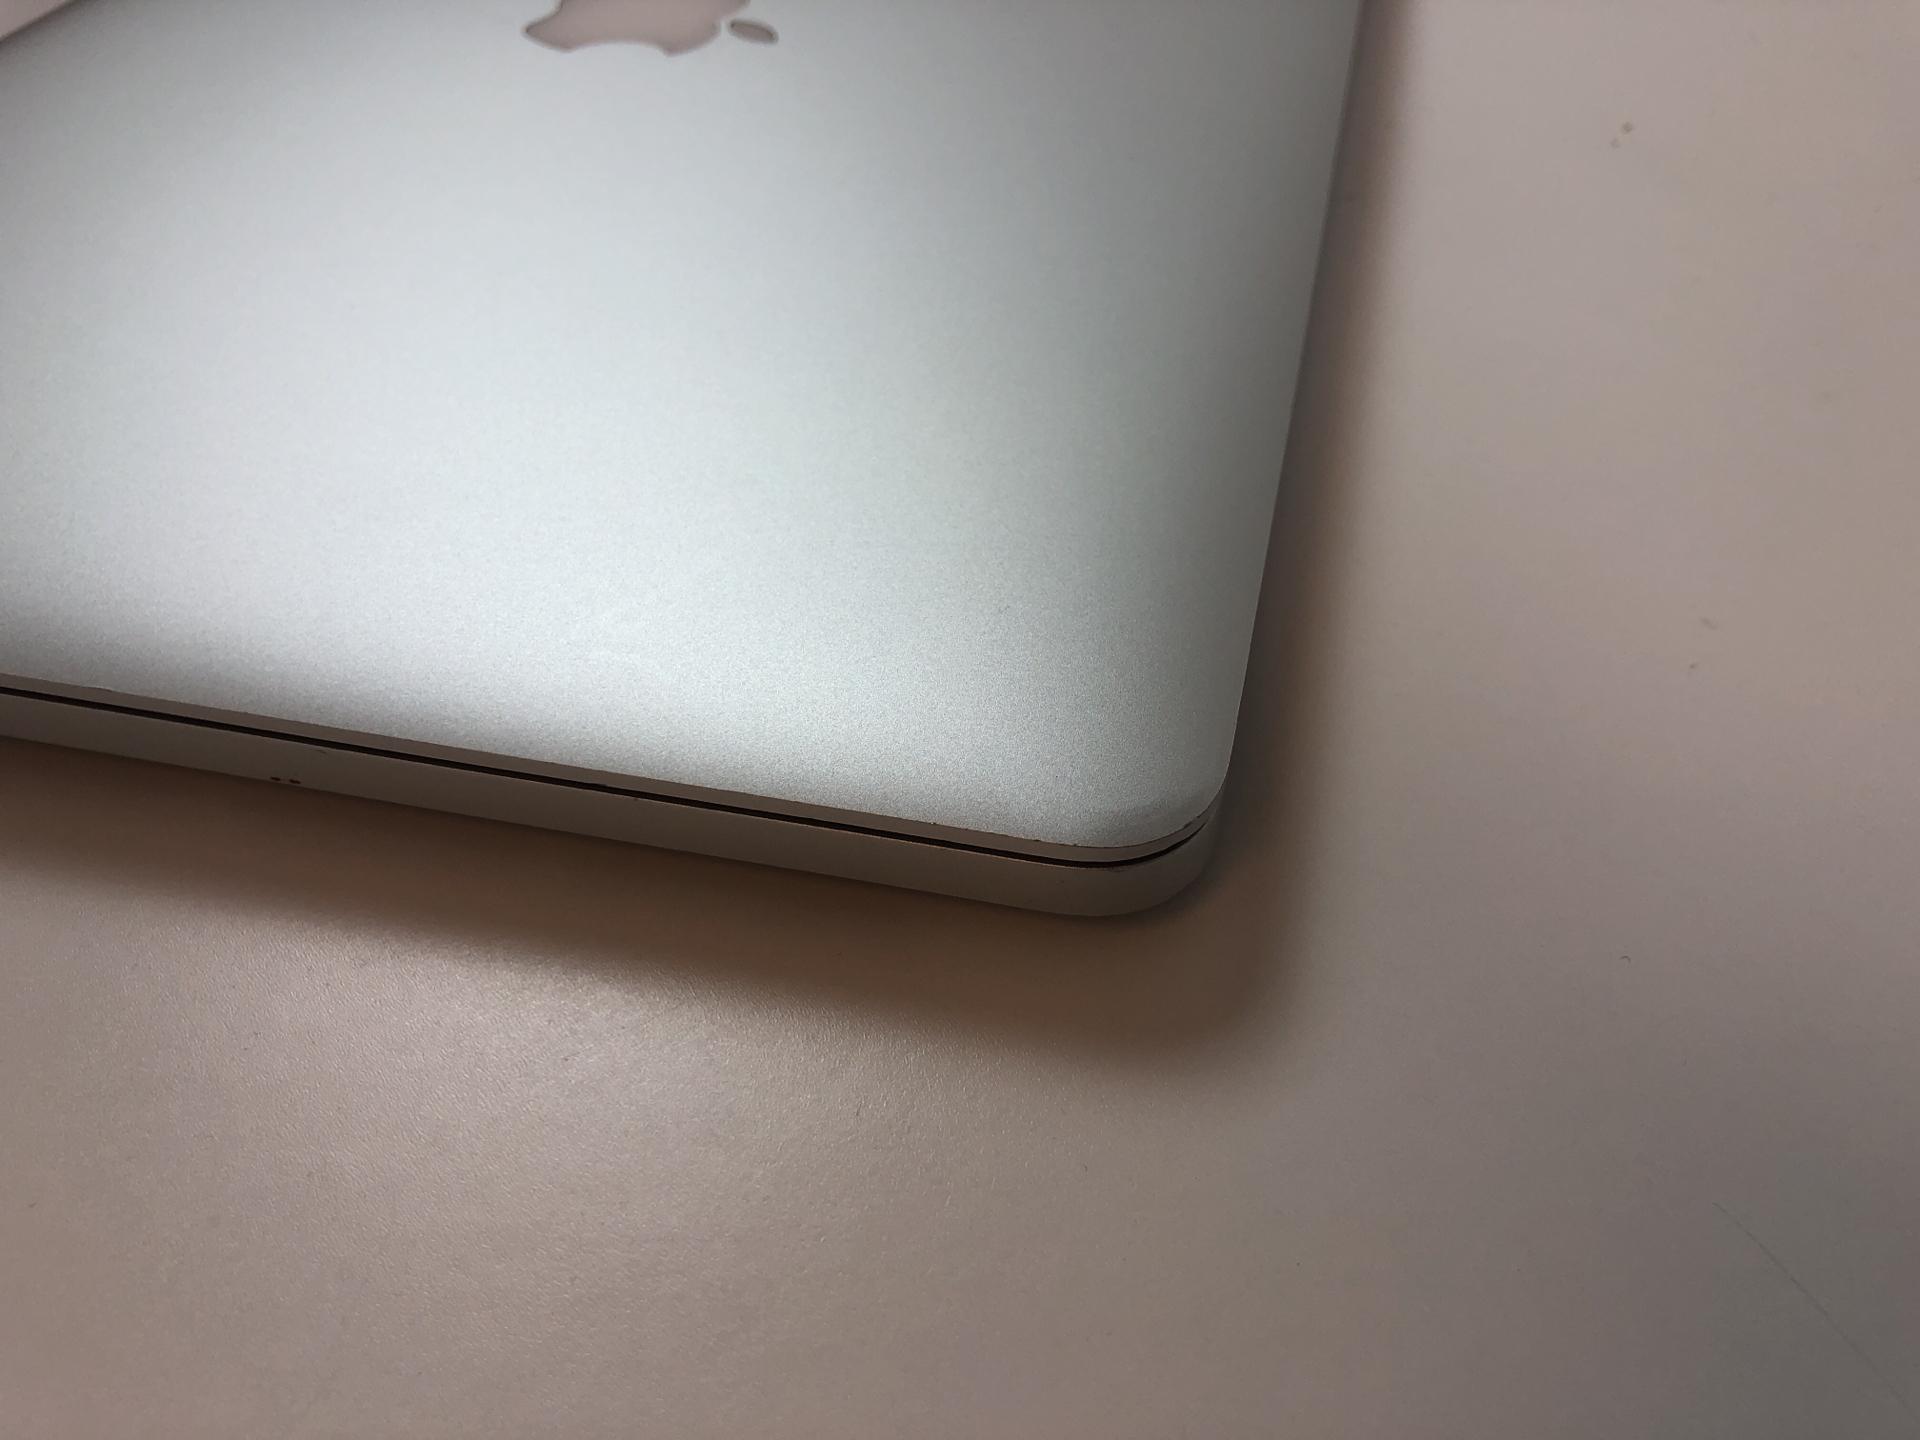 """MacBook Pro Retina 15"""" Mid 2015 (Intel Quad-Core i7 2.5 GHz 16 GB RAM 512 GB SSD), Intel Quad-Core i7 2.5 GHz, 16 GB RAM, 512 GB SSD, Kuva 3"""